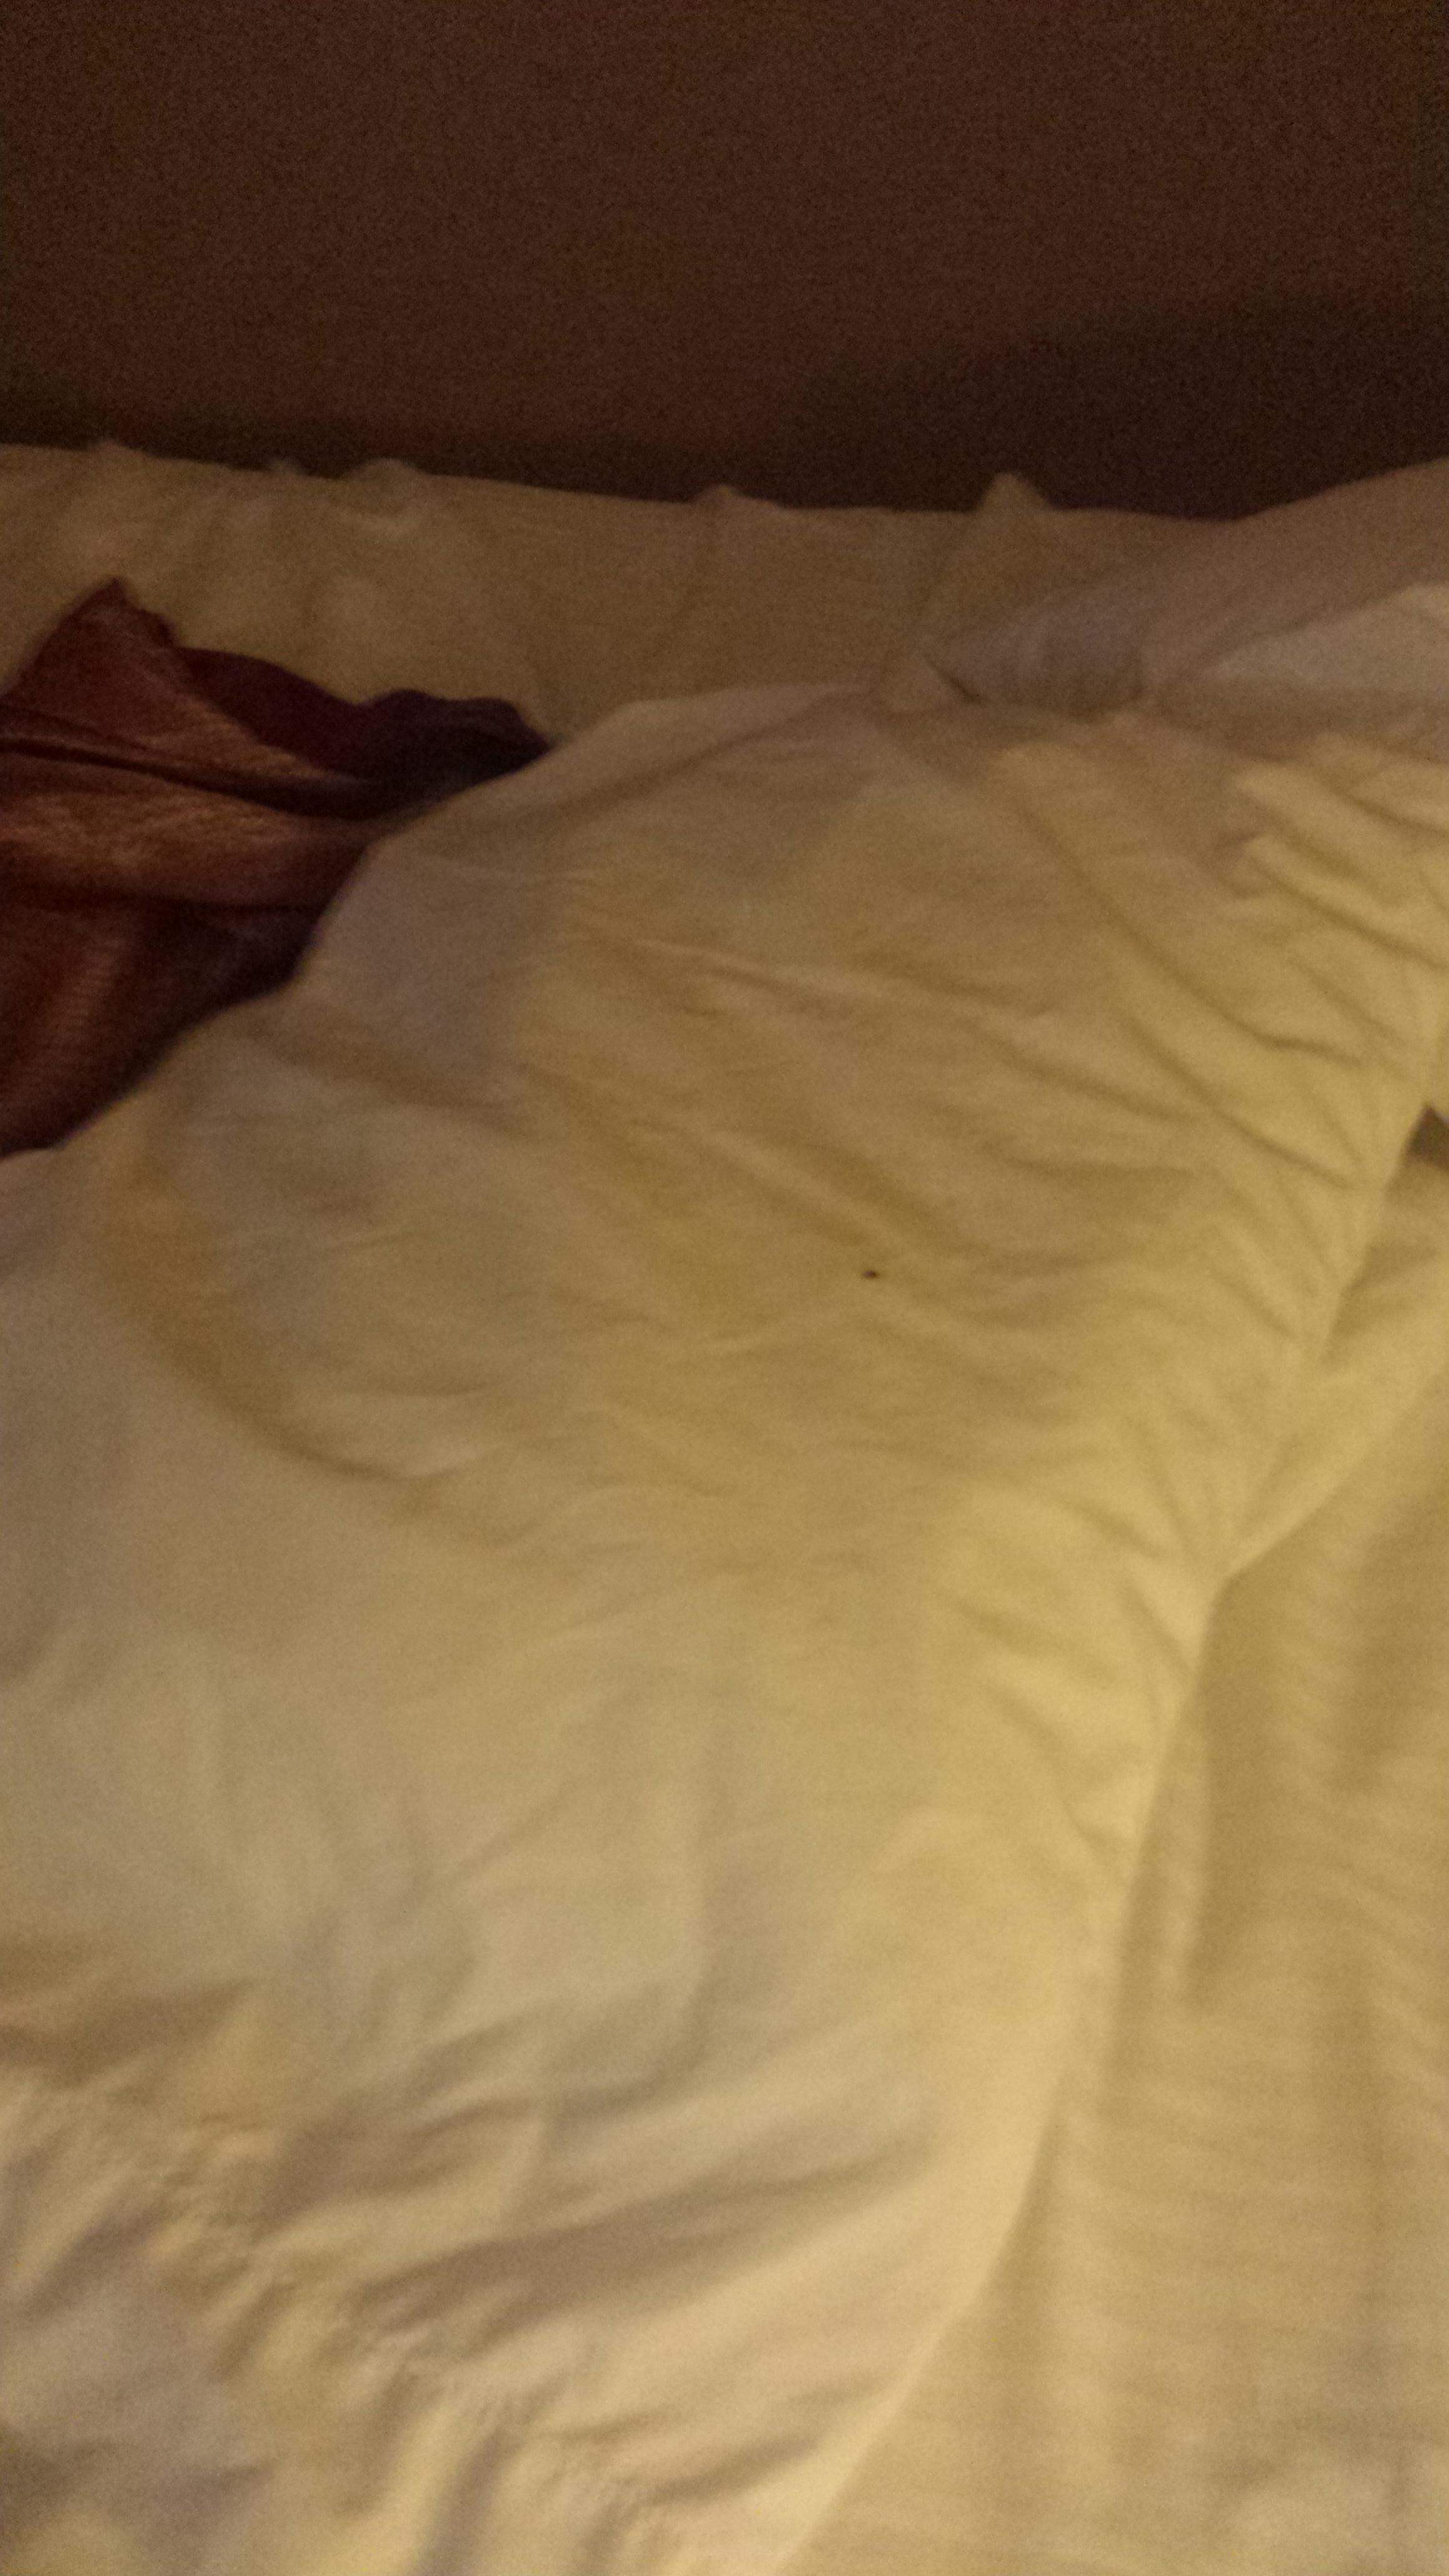 bedbug on the pillow